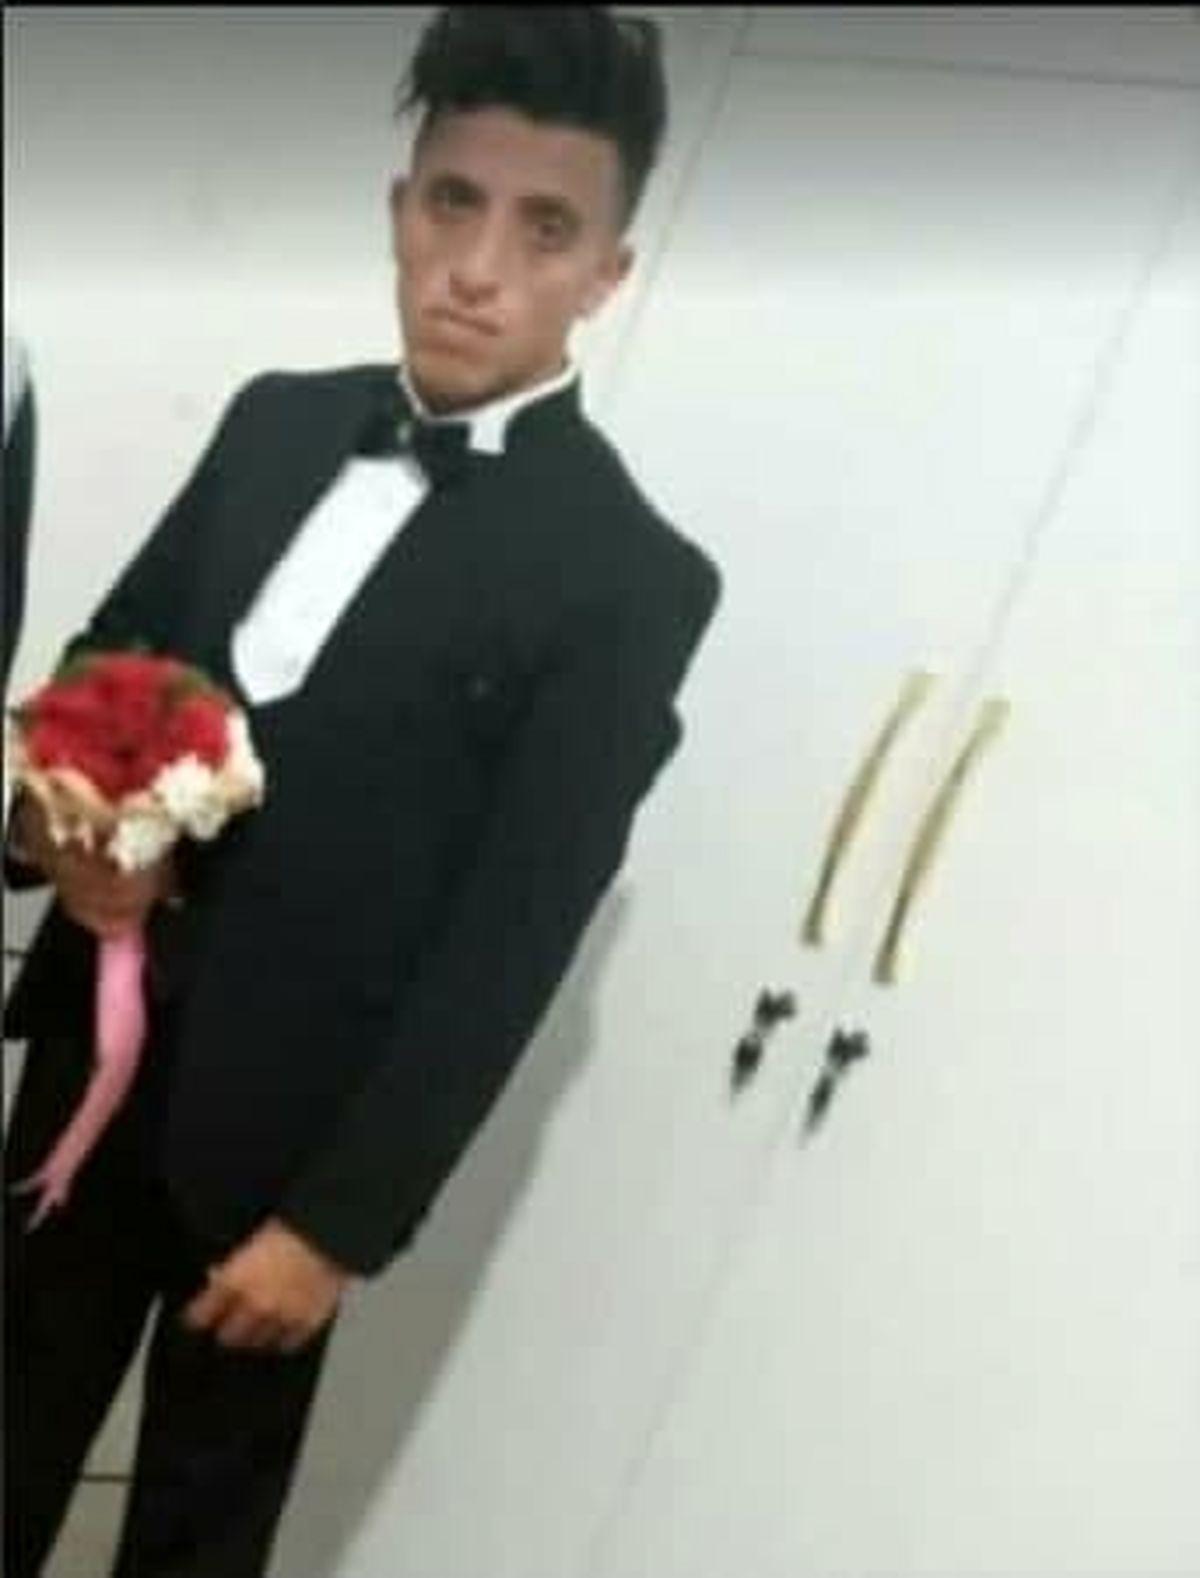 کارگر اخراجی هفتتپه خودکشی کرد